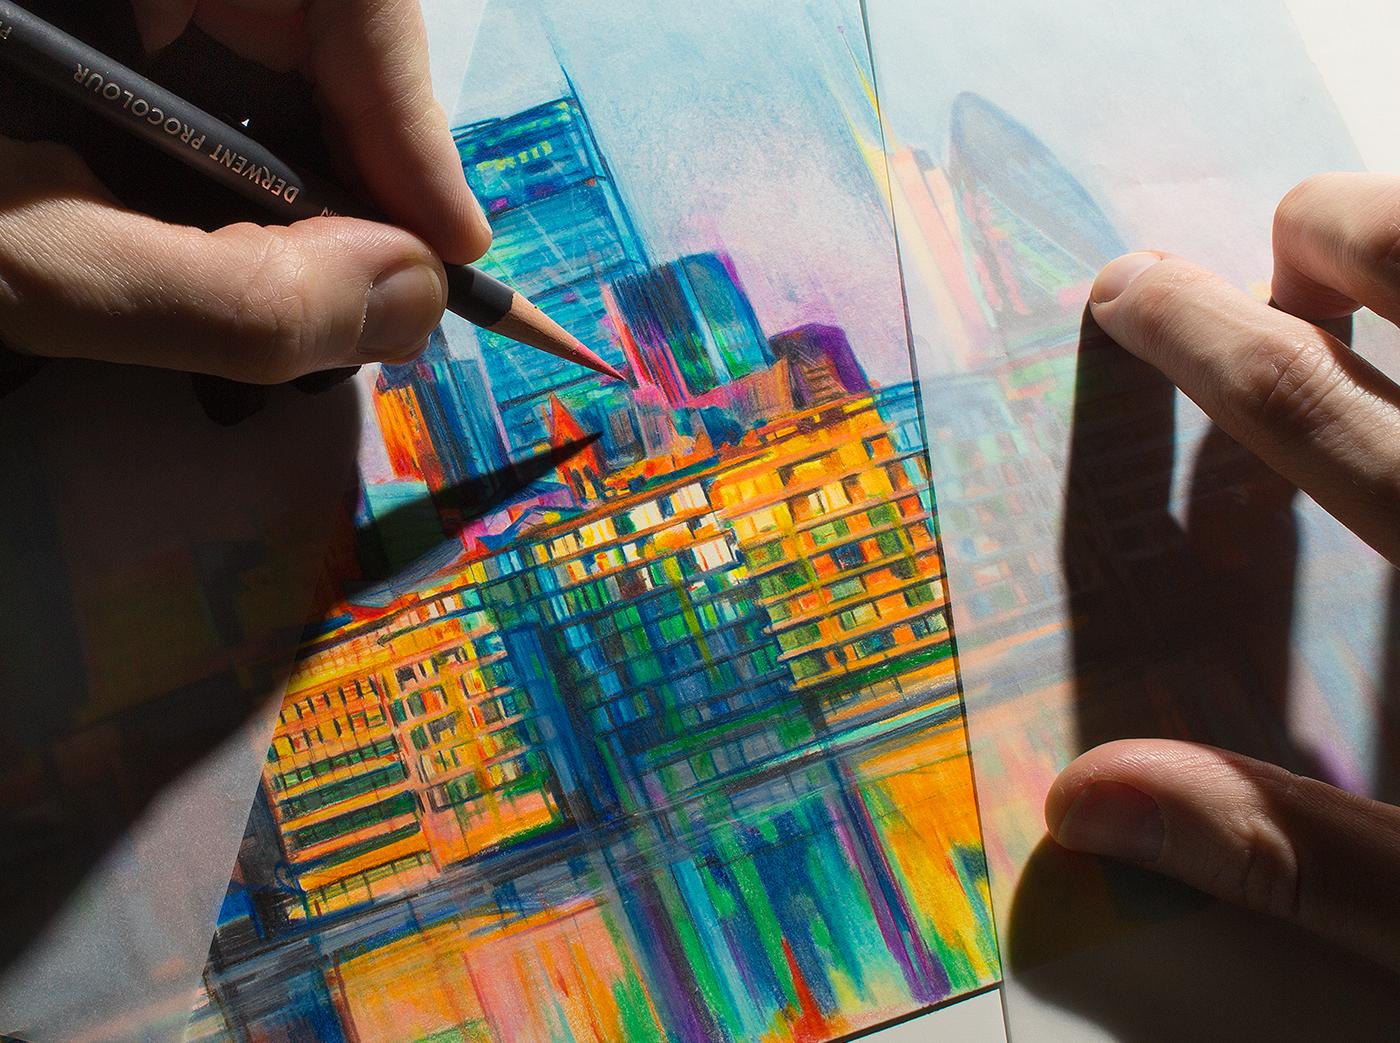 Derwent pencils Colorpencils sketch buildings architecture louvre big ben